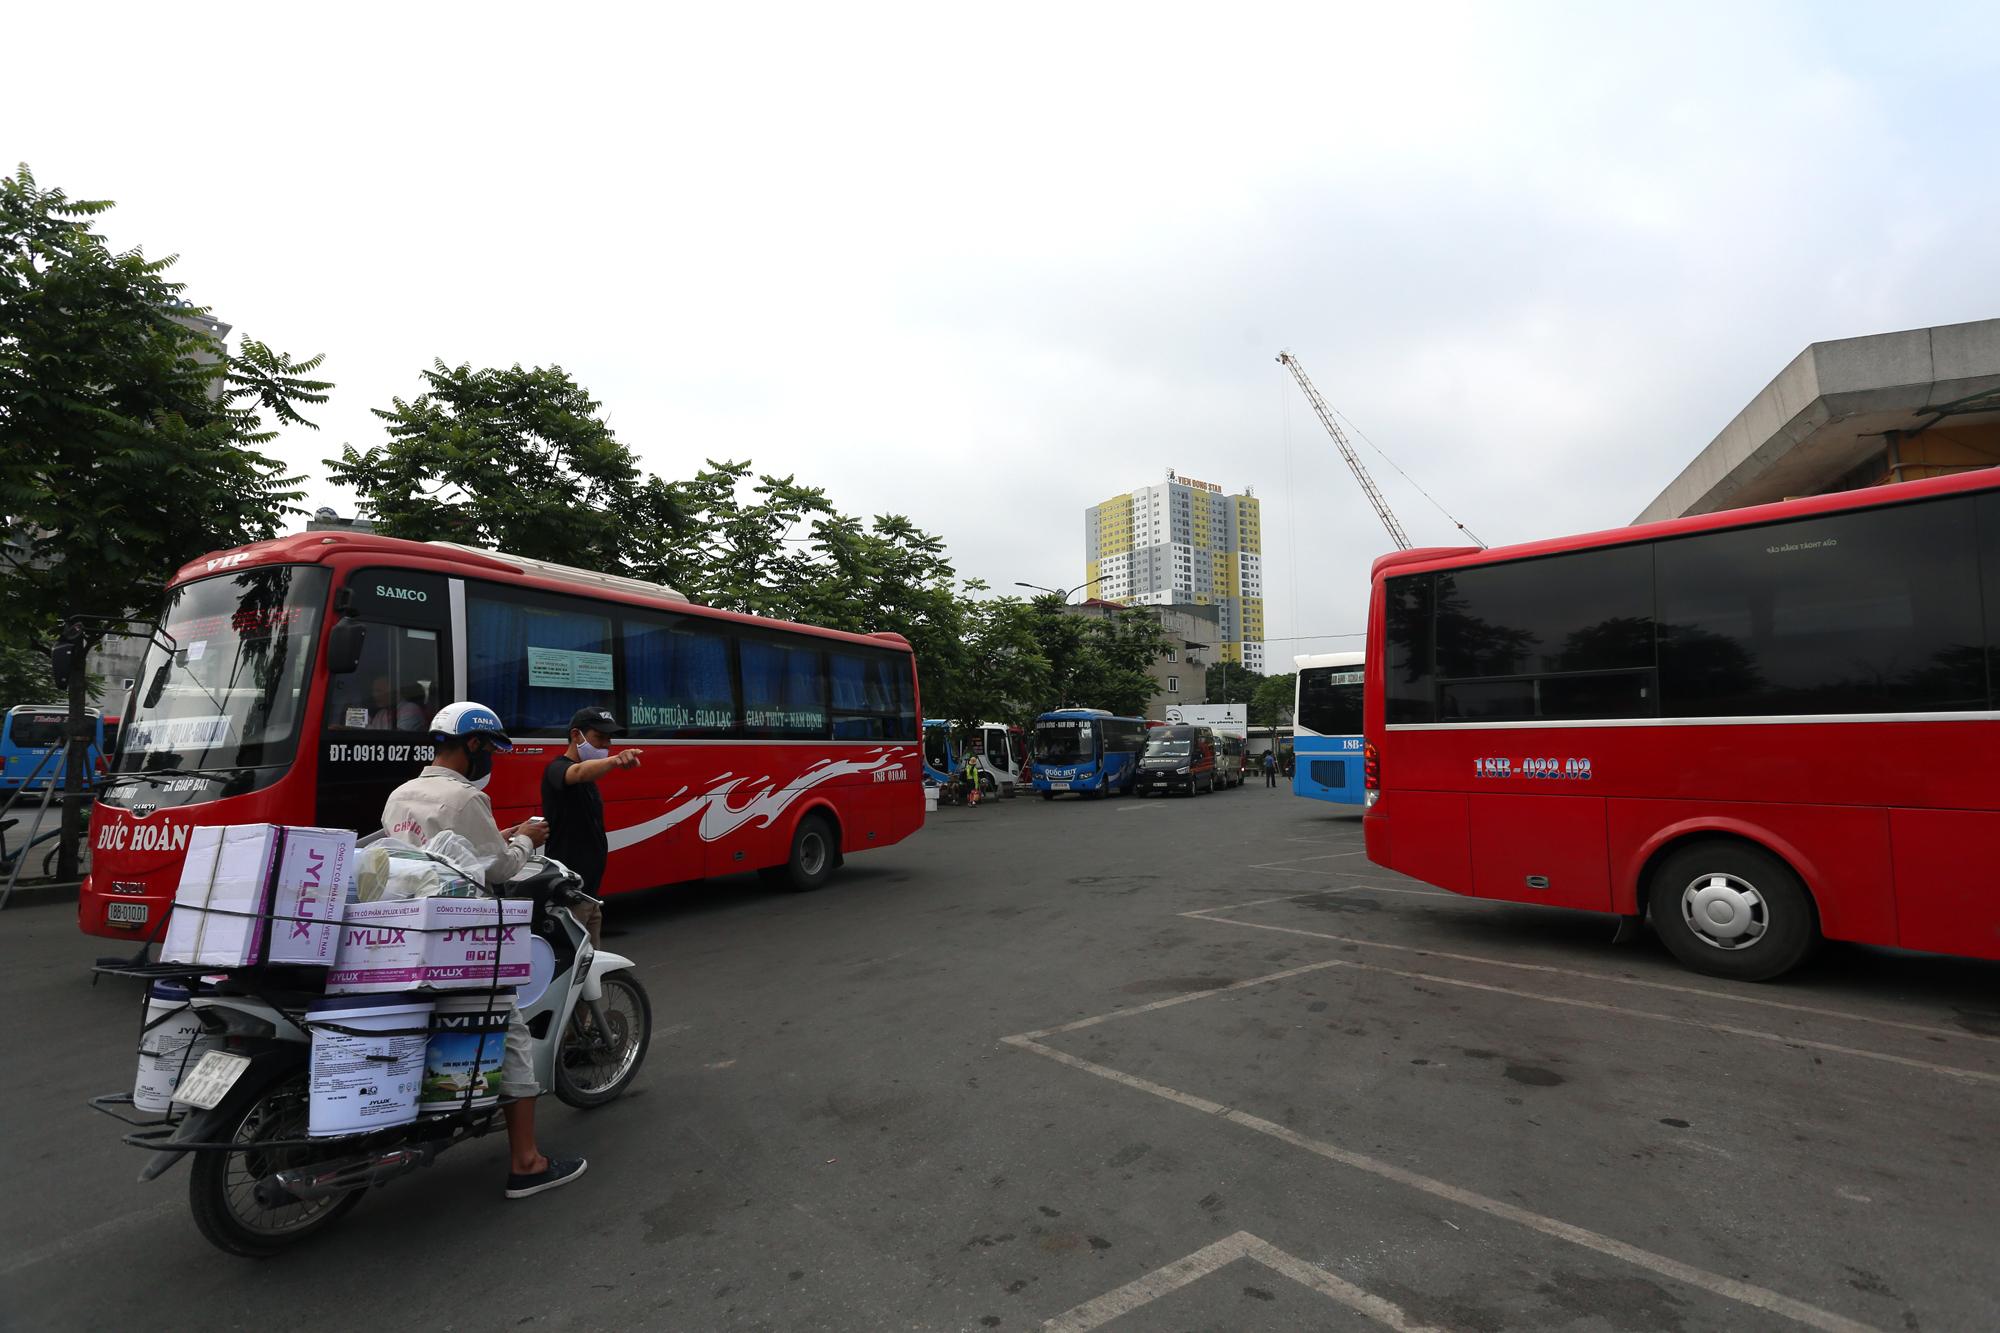 Vận tải khách trở lại bình thường, bến xe ở Hà Nội vẫn vắng vẻ - Ảnh 8.